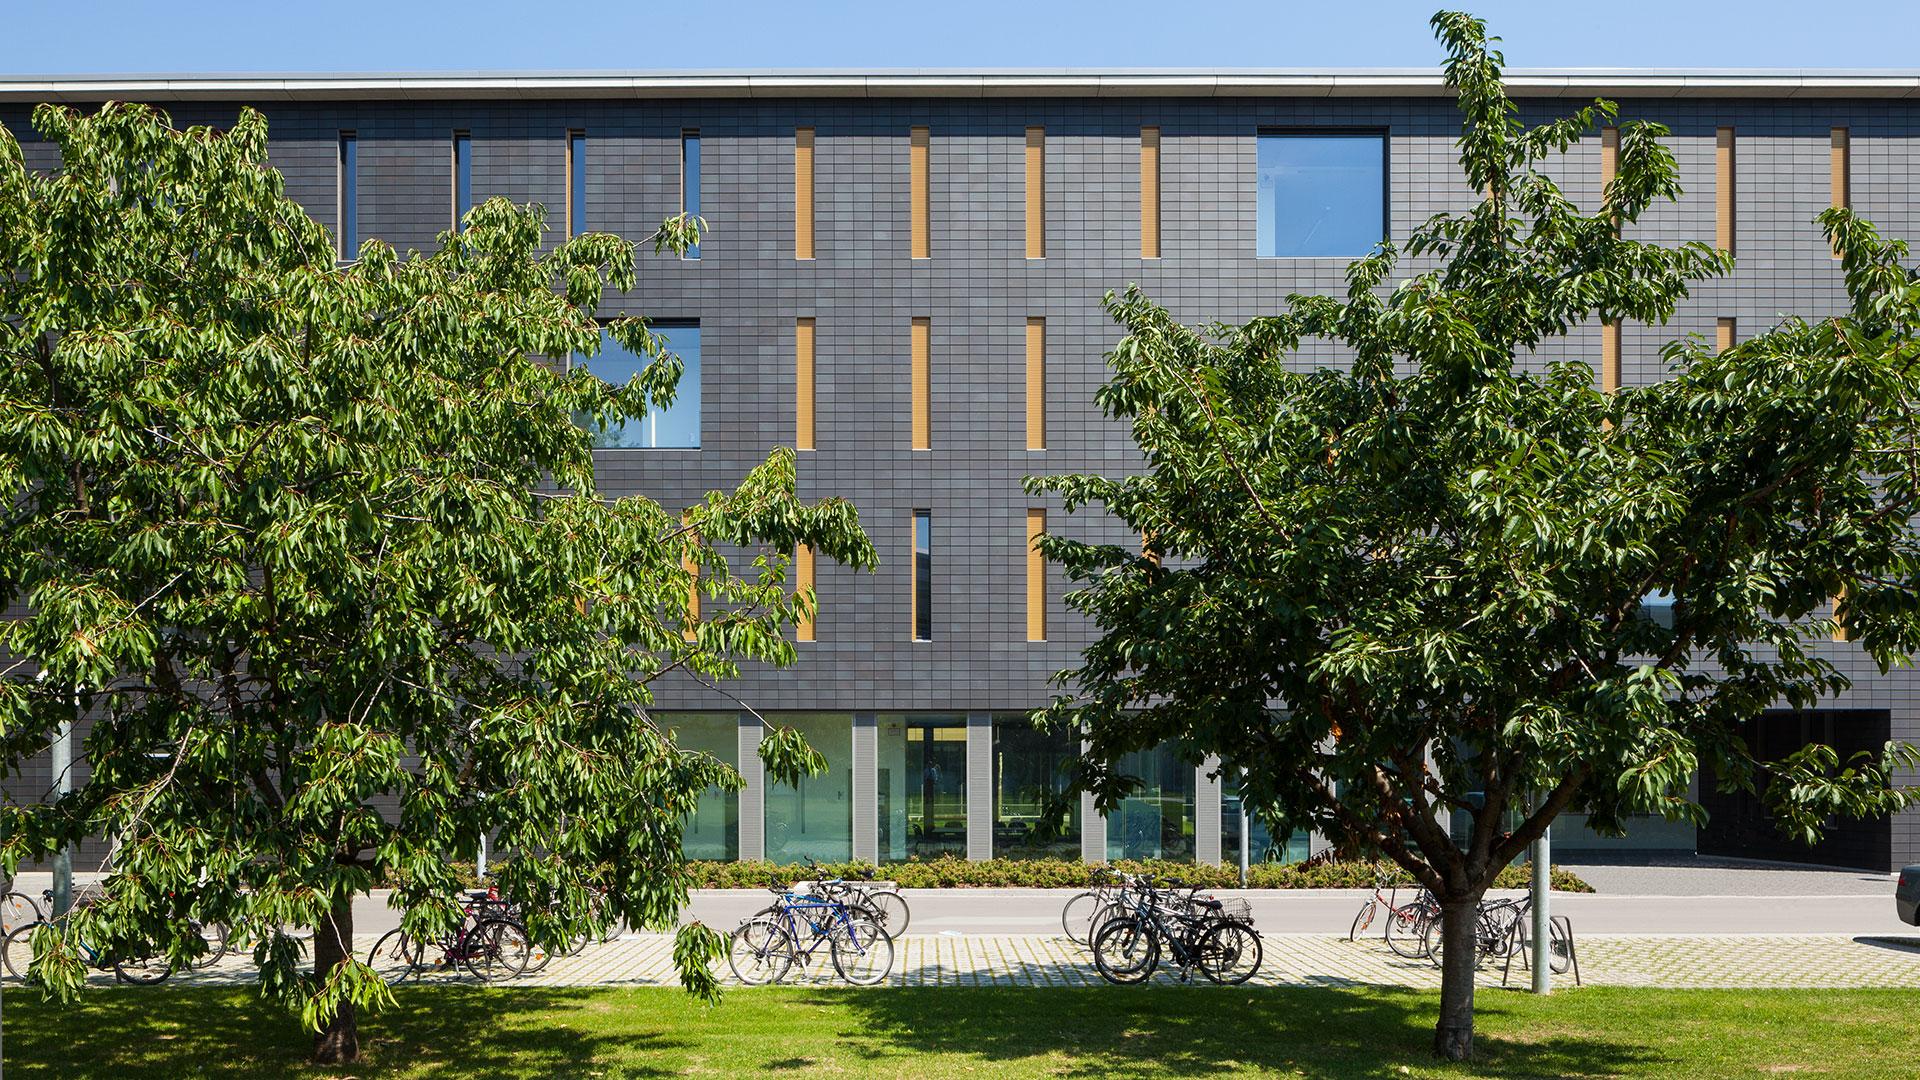 Physikalisches Institut Frankfurt 1 - ArGe Architekten